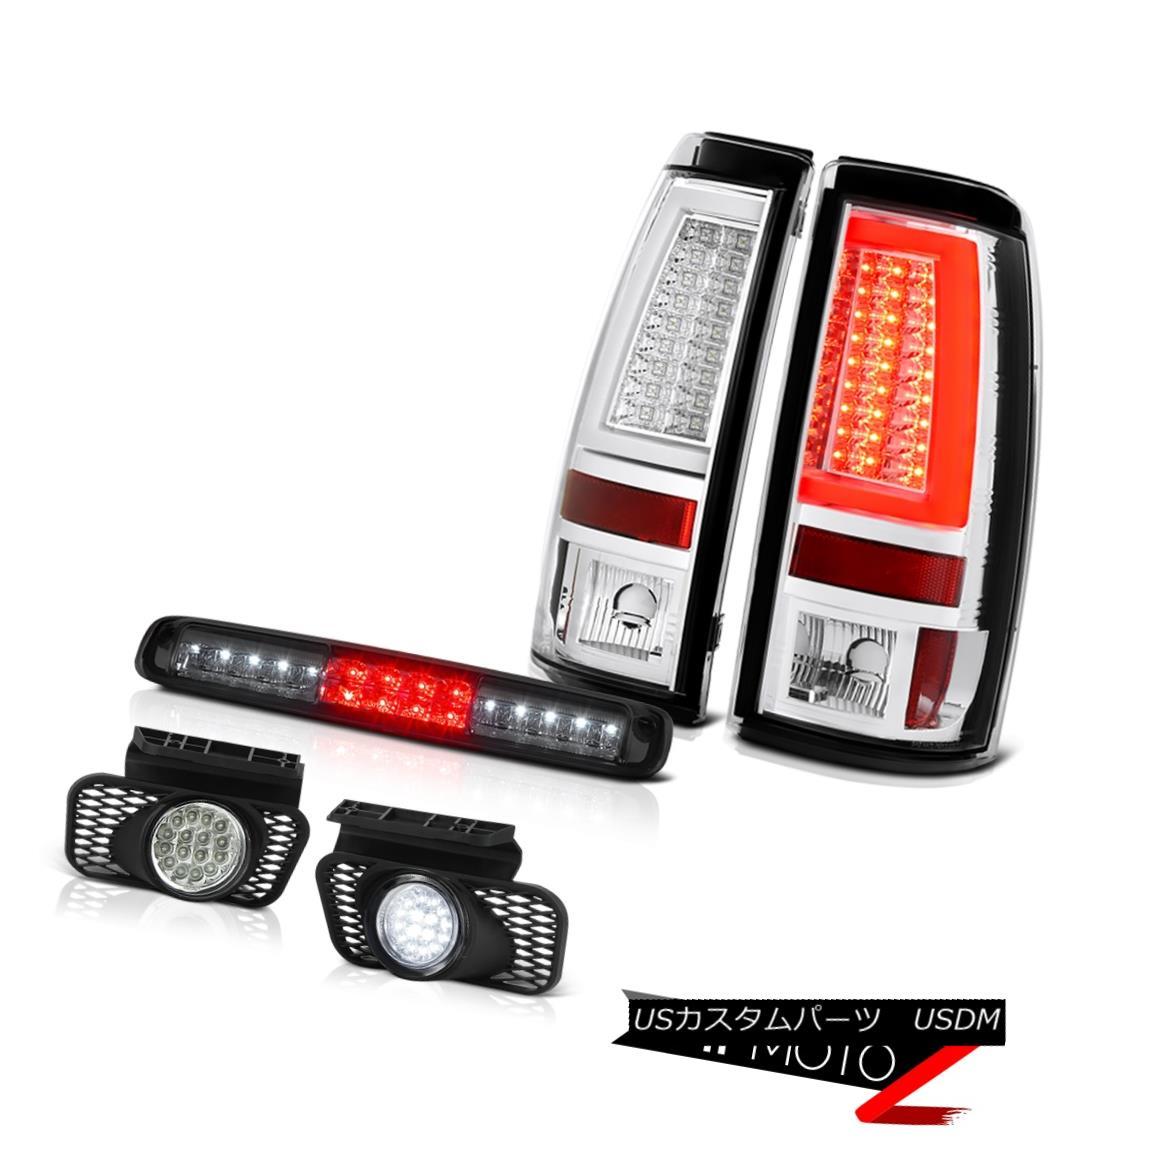 テールライト 03-06 Silverado 3500Hd Euro Chrome Taillamps Smoked 3RD Brake Lamp Fog Lamps DRL 03-06 Silverado 3500Hdユーロクロームタイヤルンプスモーク3RDブレーキランプフォグランプDRL